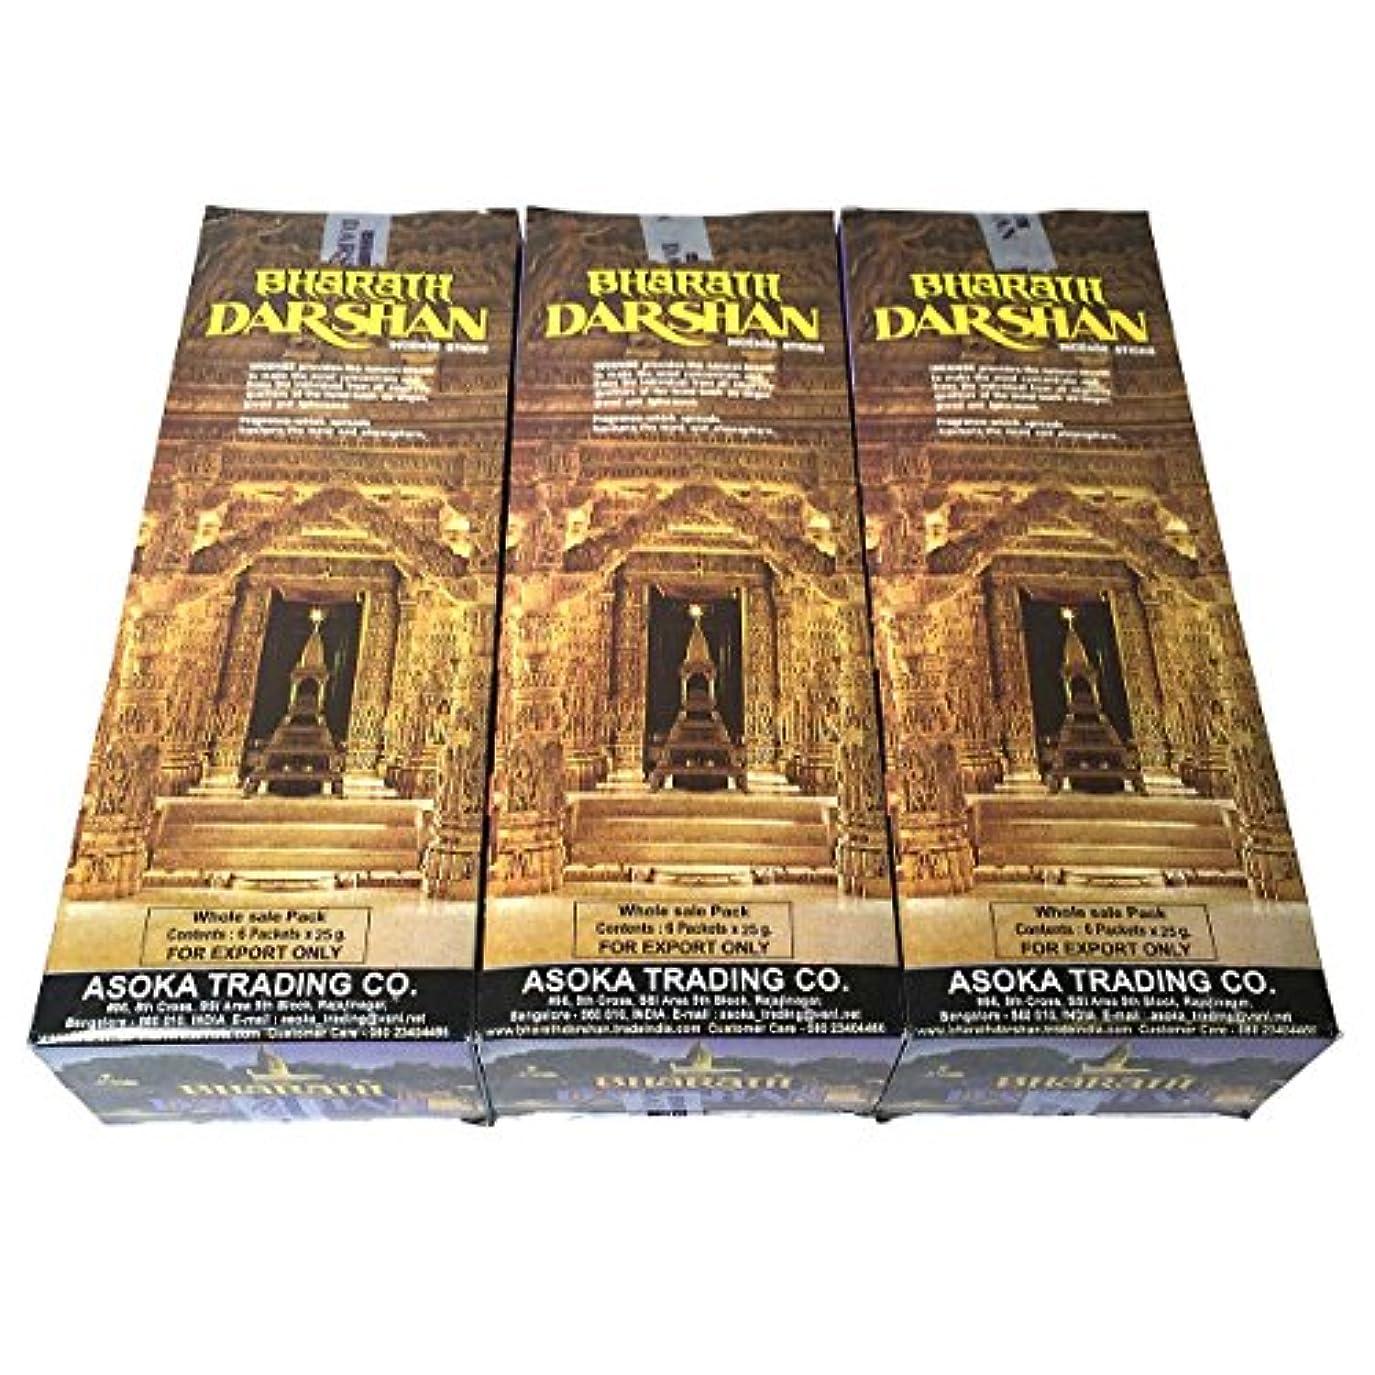 バハラットダルシャン香スティック 3BOX(18箱) /ASOKA TRADING BHARATH DARSHAN/インセンス/インド香 お香 [並行輸入品]